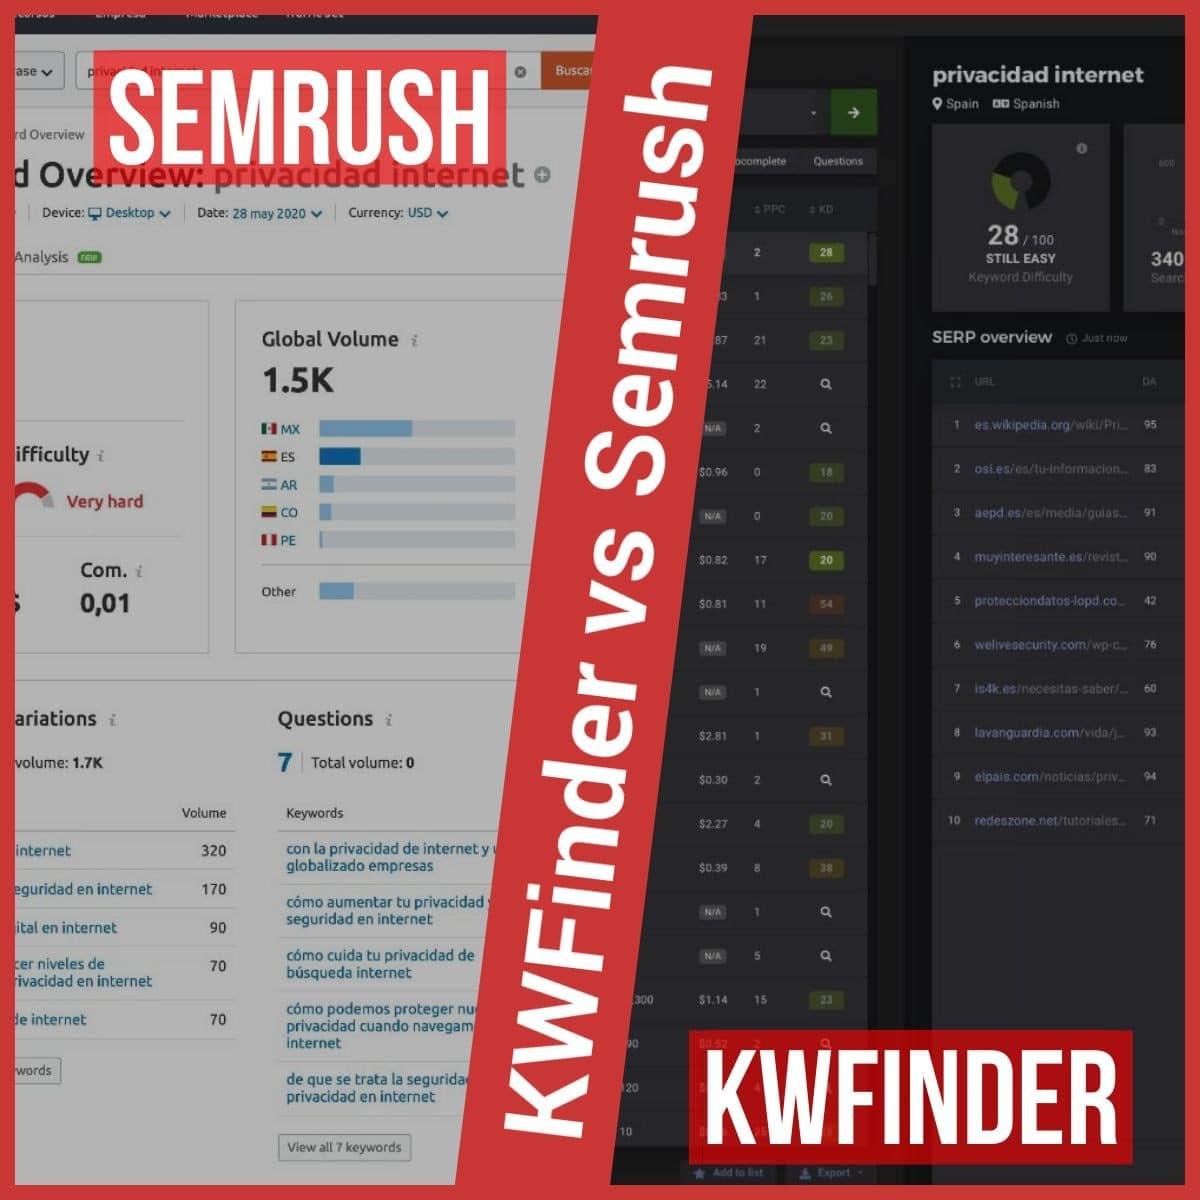 KWFinder vs Análisis de palabras clave de Semrush